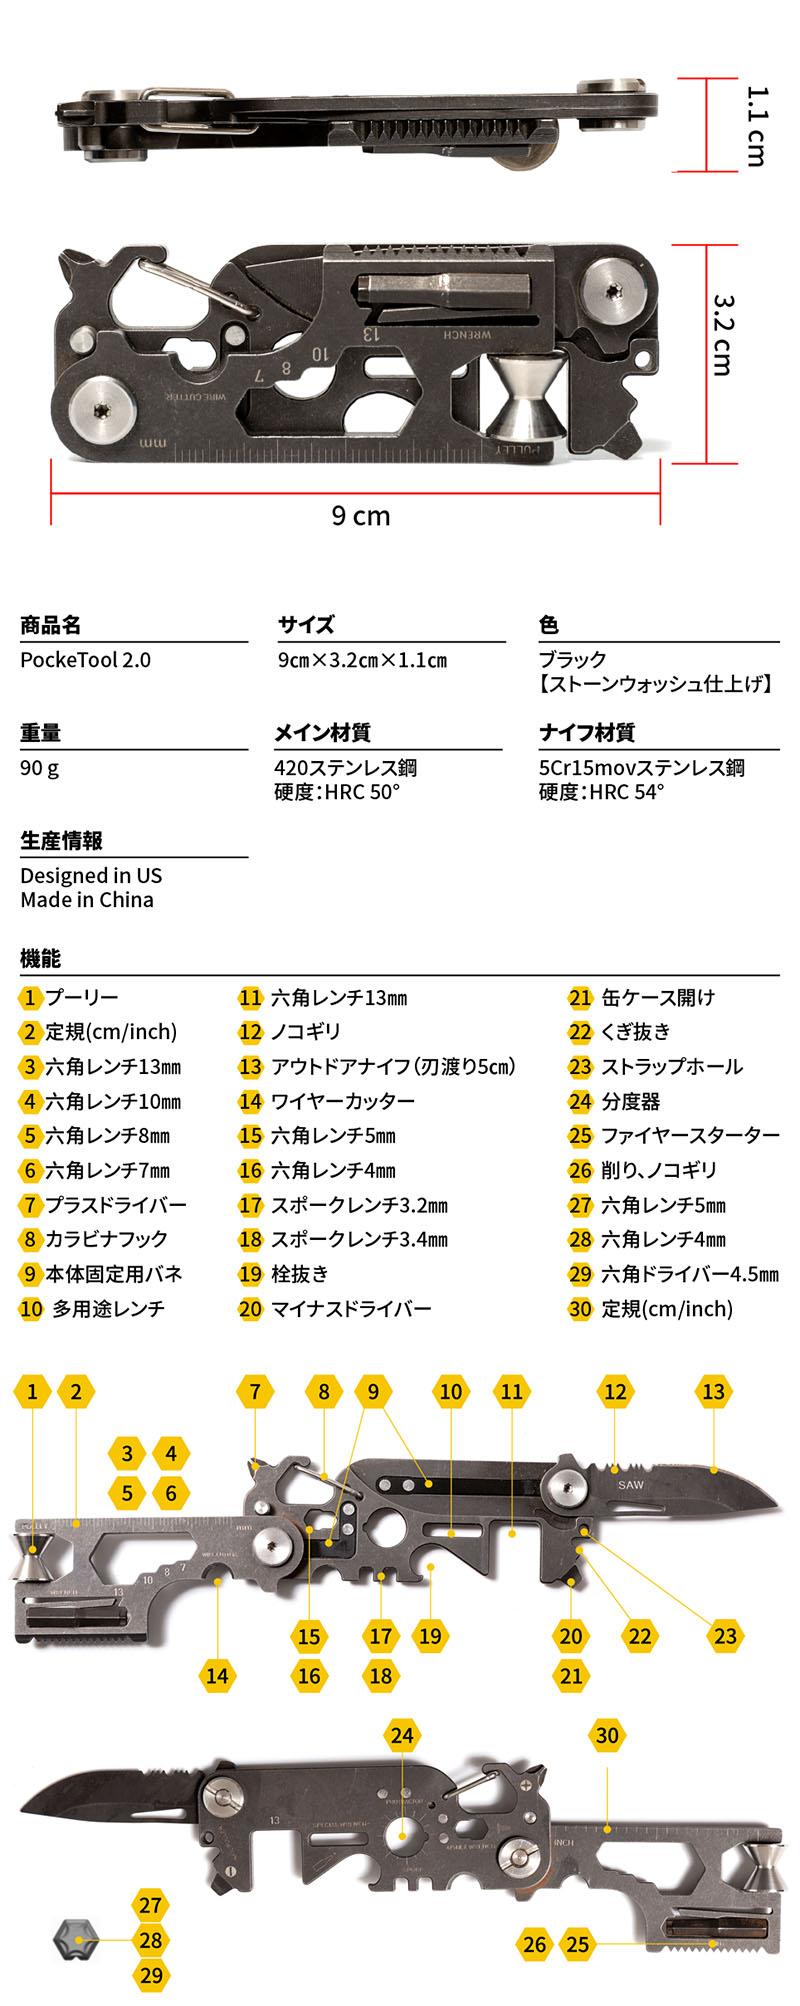 株式会社LEVEL1 マルチツール「PockeTool 2.0」記事04